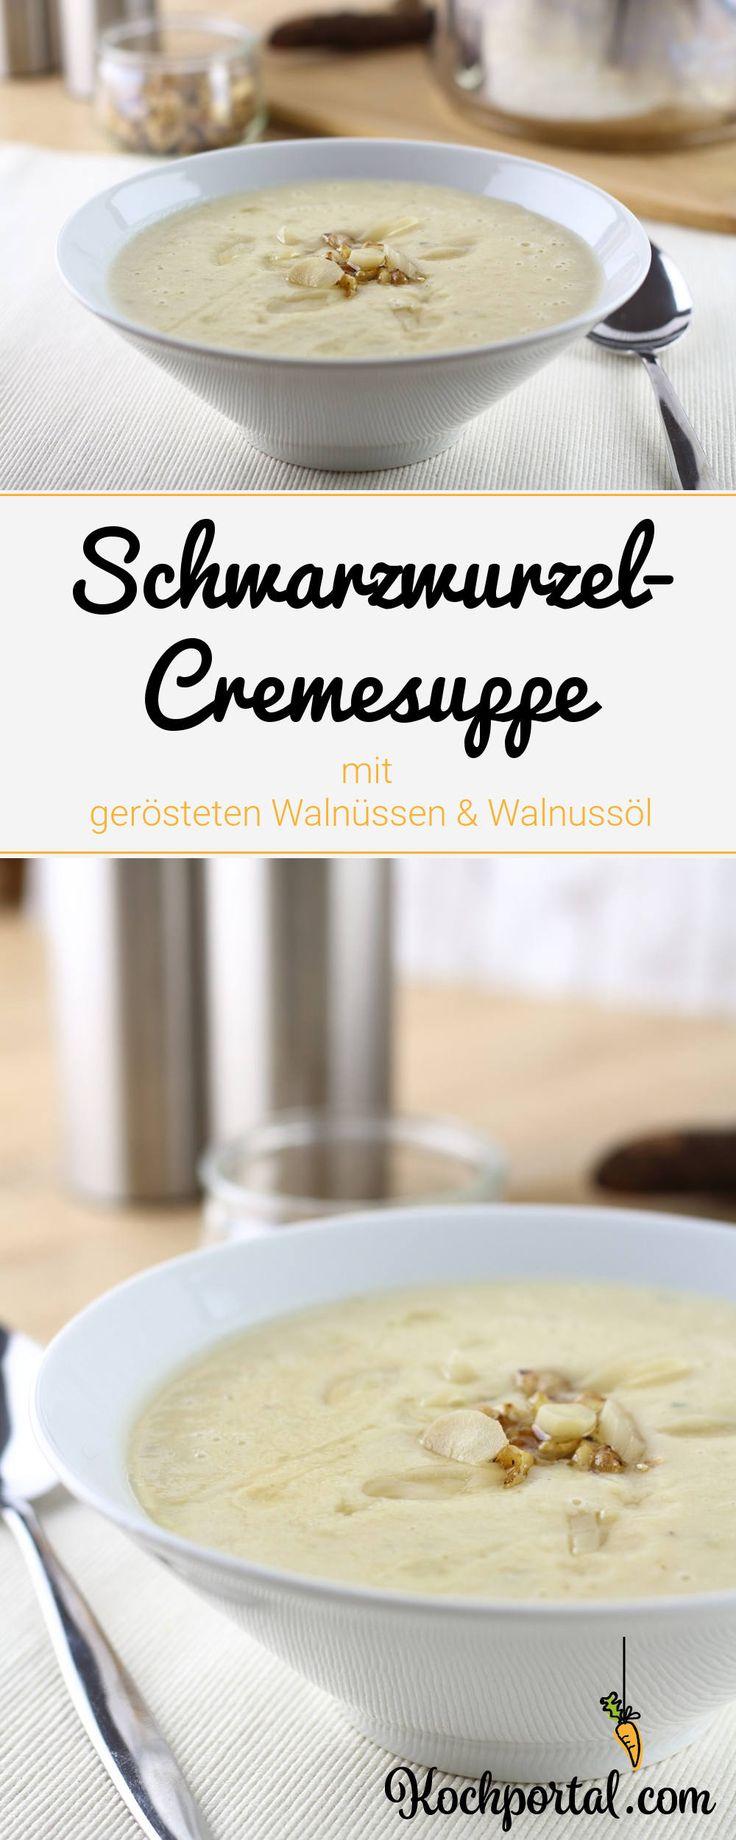 Schwarzwurzelcremesuppe mit gerösteten Walnüssen und Walnussöl - #Wintersuppe #schwarzwurzel #schwarzwurzelcremesuppe #schwarzwurzelsuppe